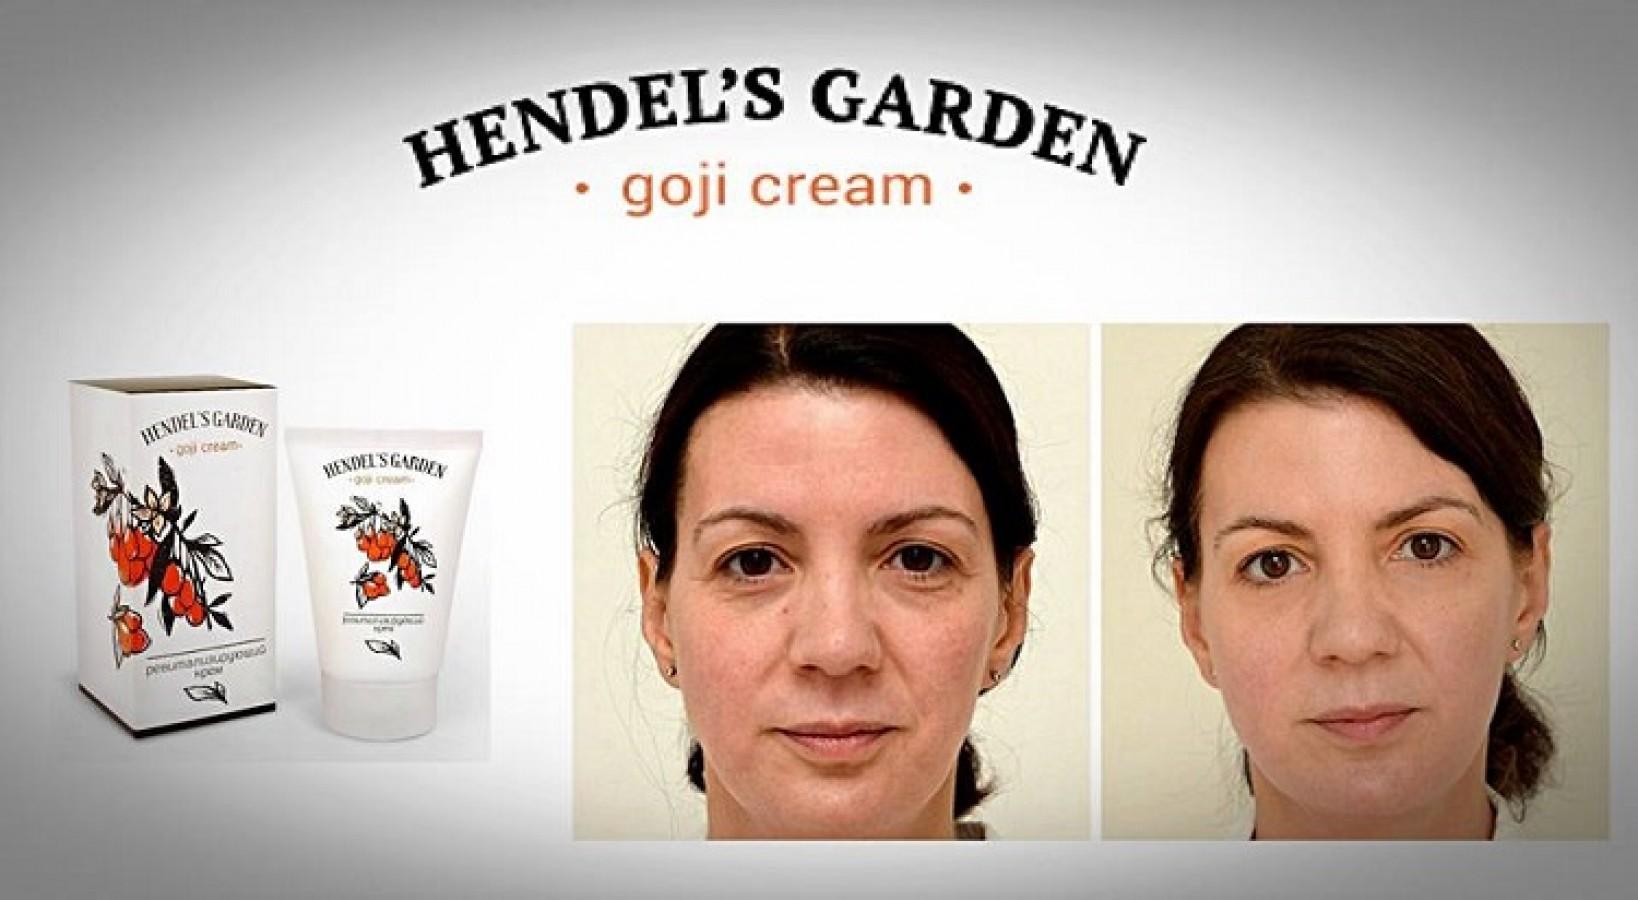 Kem Xóa Nhăn Goji Cream Hendel's Garden